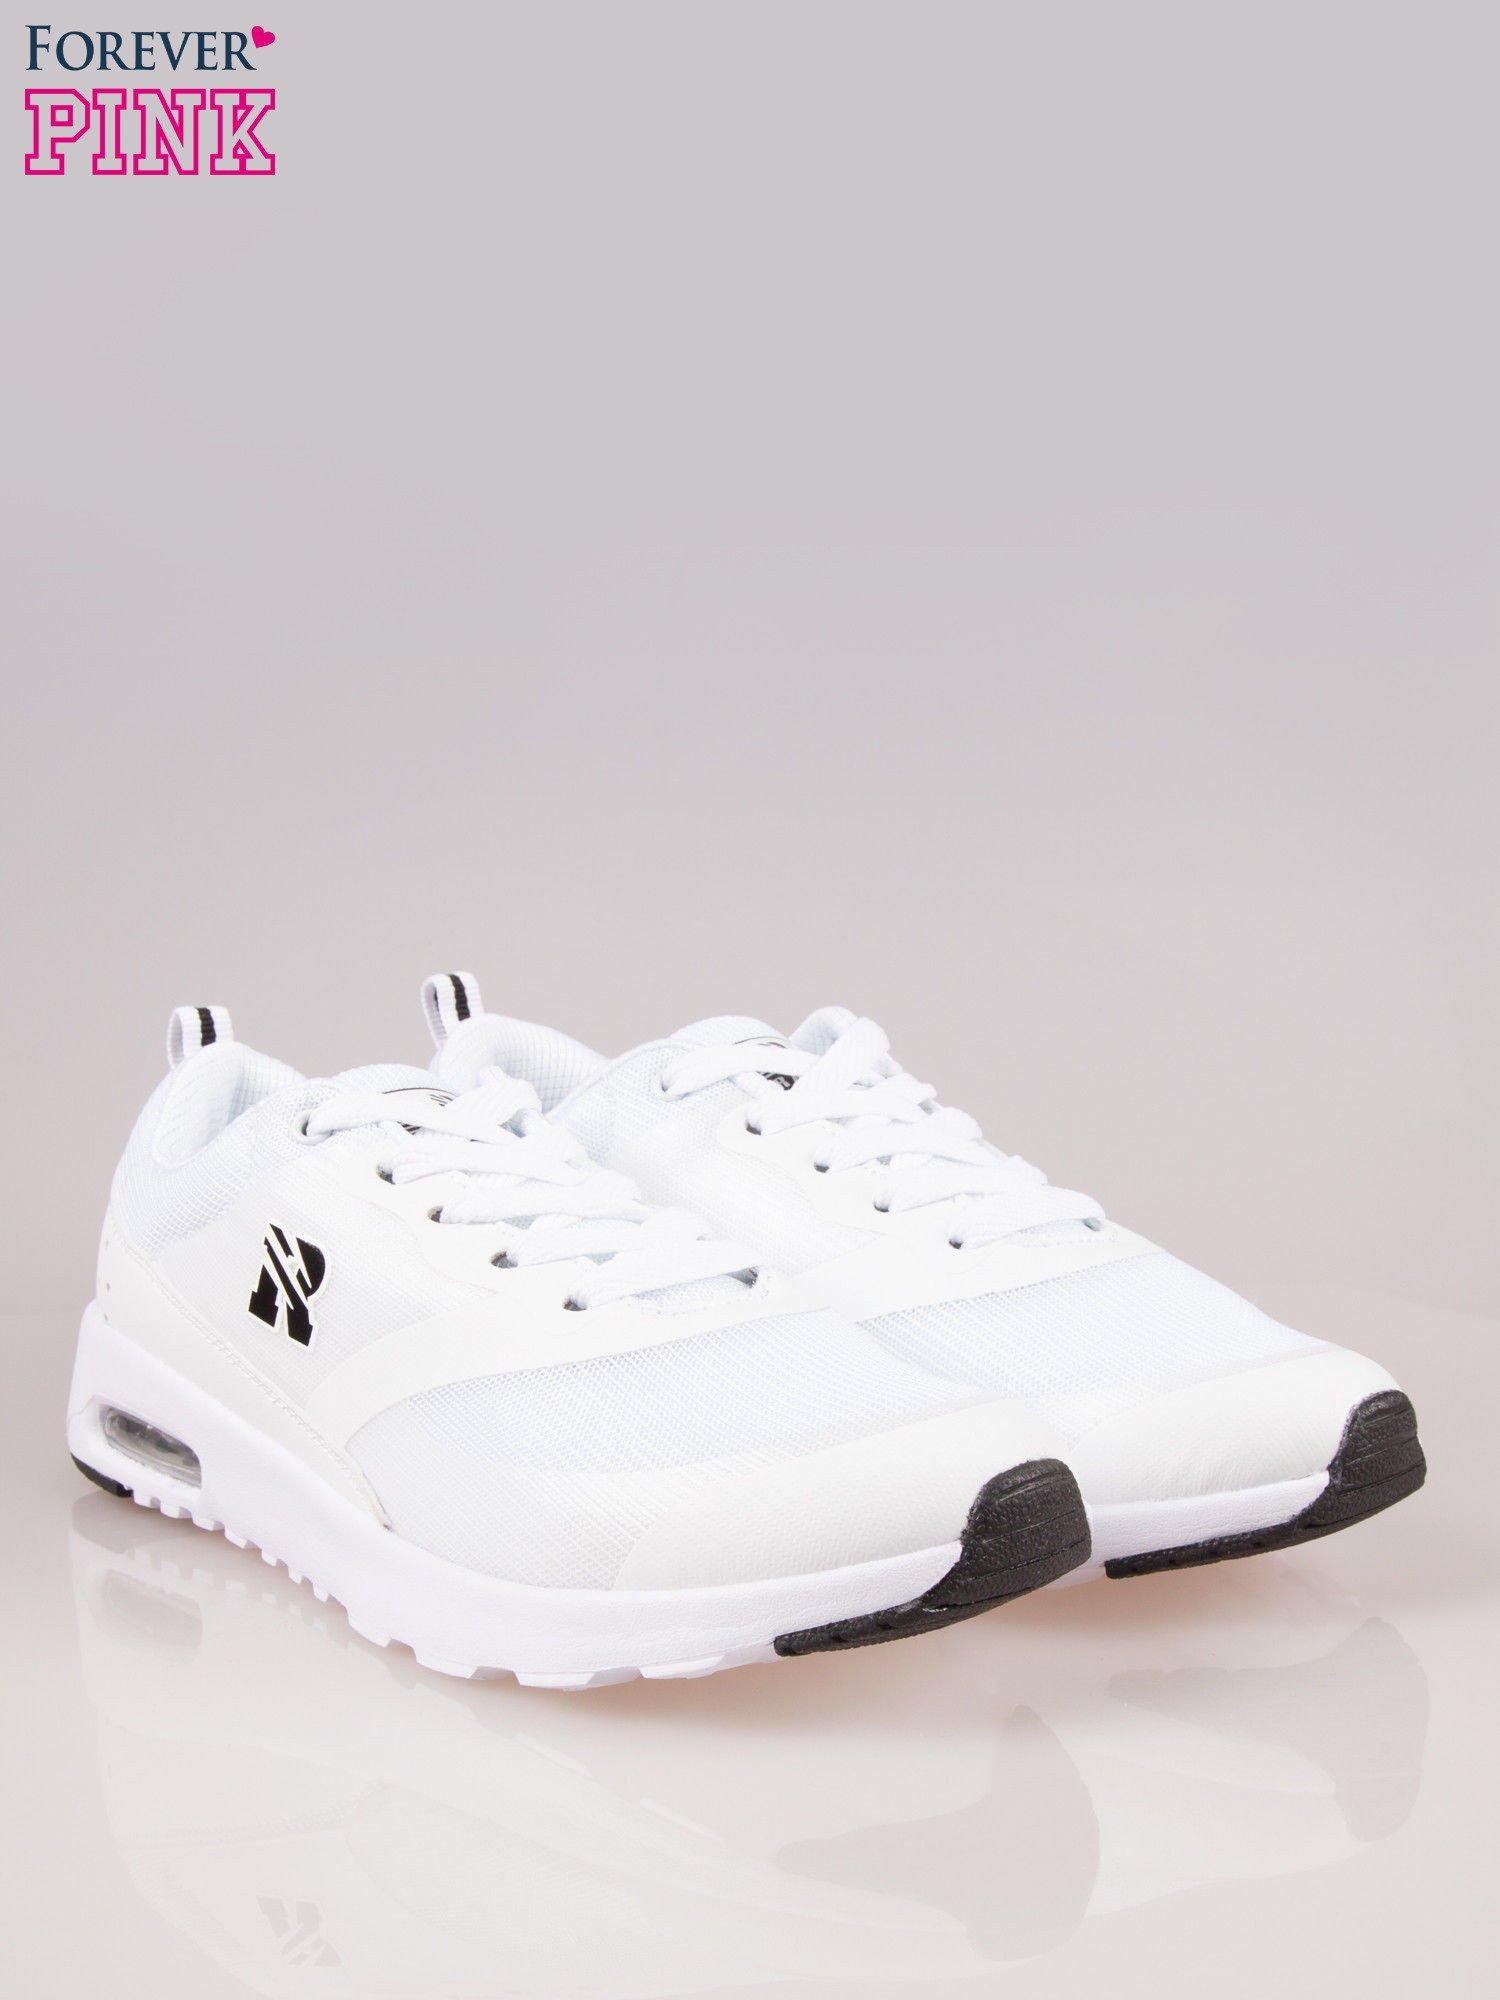 Białe buty sportowe damskie z siateczką i poduszką powietrzną w podeszwie                                  zdj.                                  2